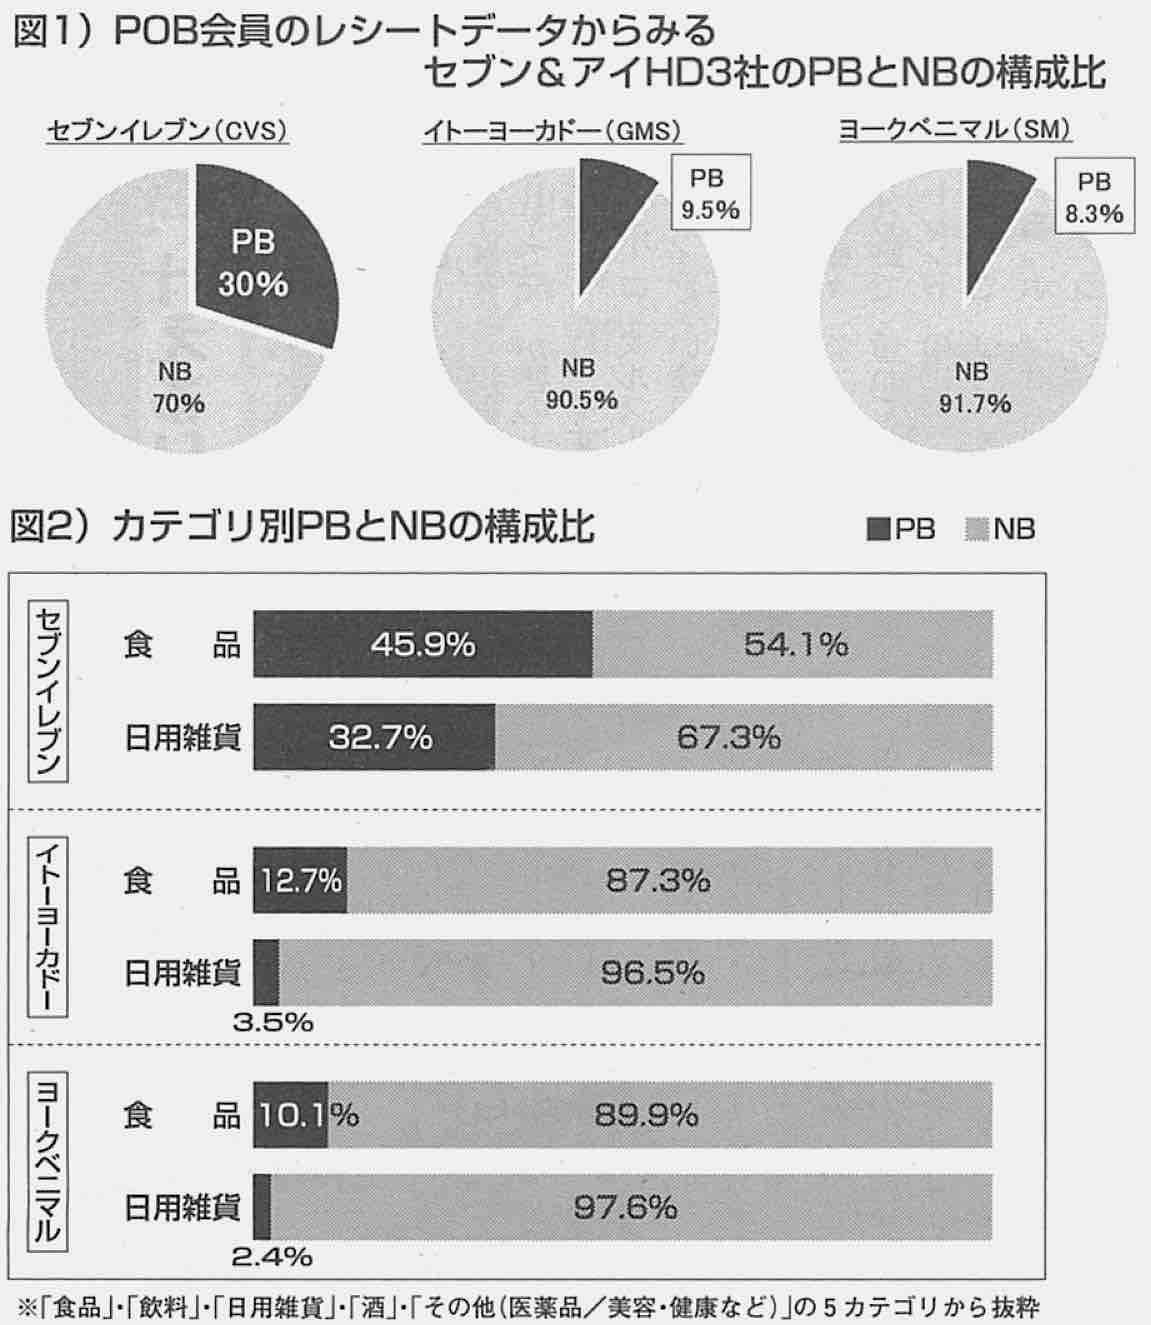 食品の50%をPB化するセブン-イレブン/セブン&アイ HD3社のPB・NB比較